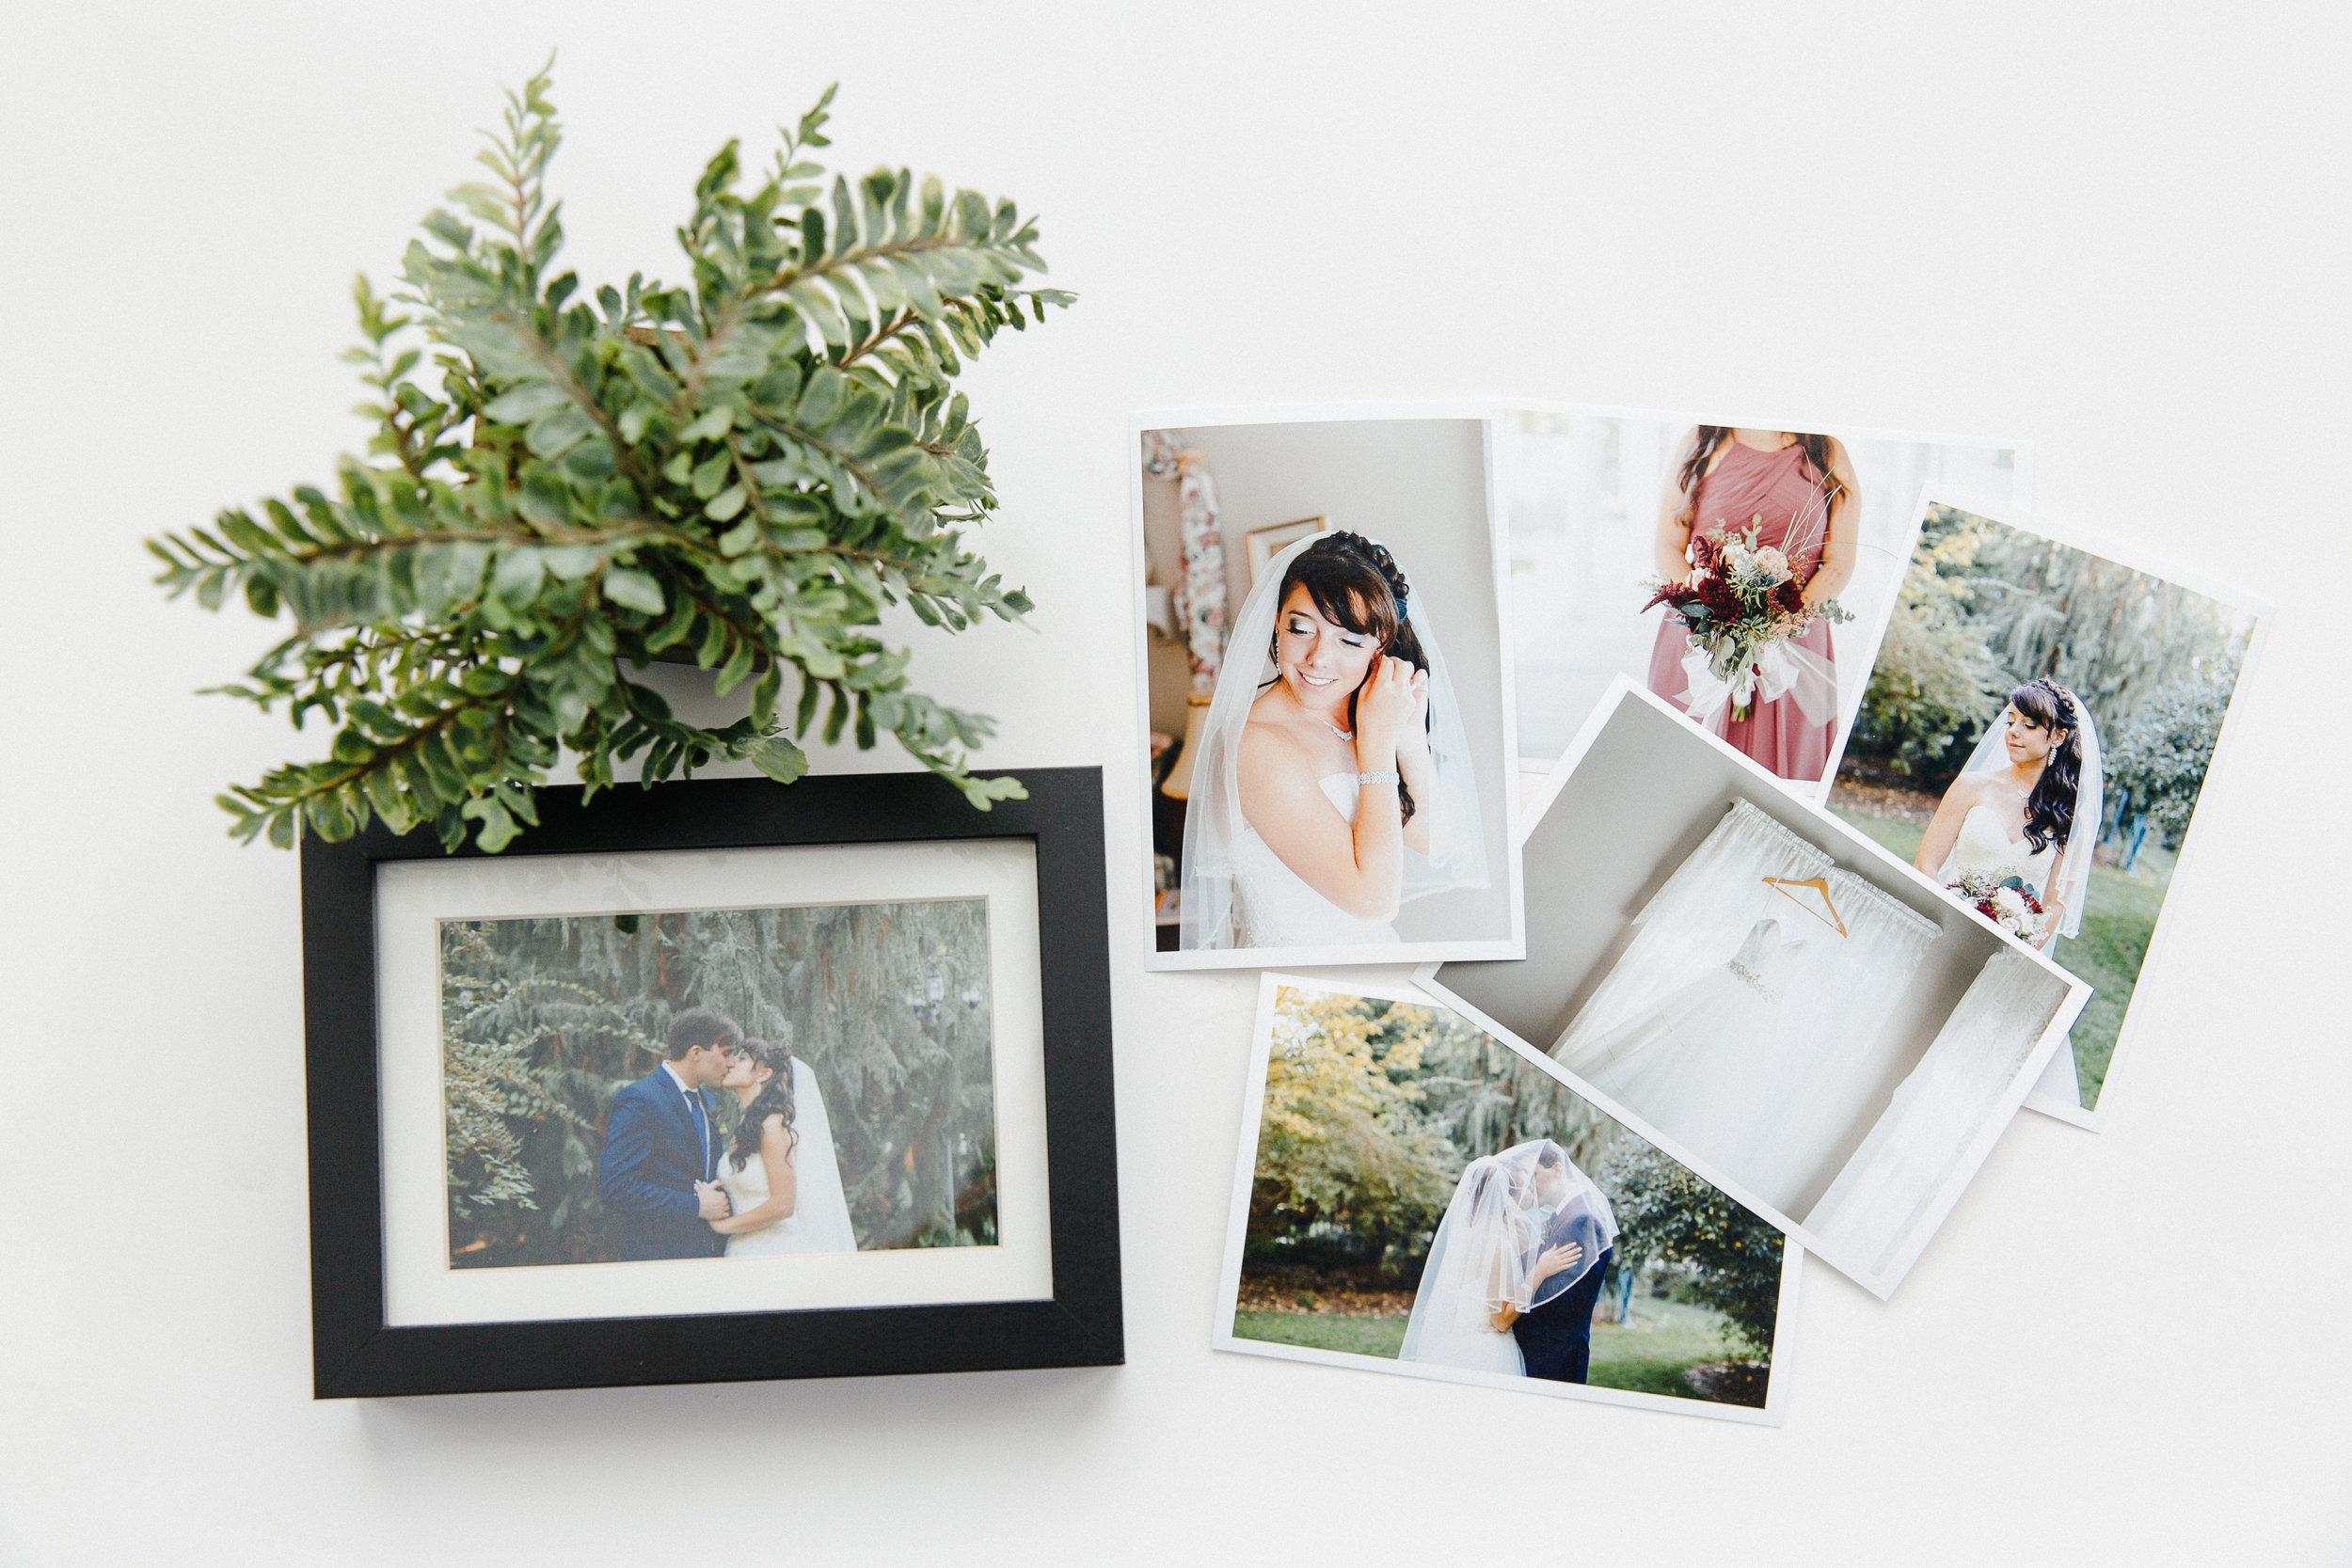 161209-Luxium-Weddings-Arizona-Luxium-Weddings-Product-3932.jpg